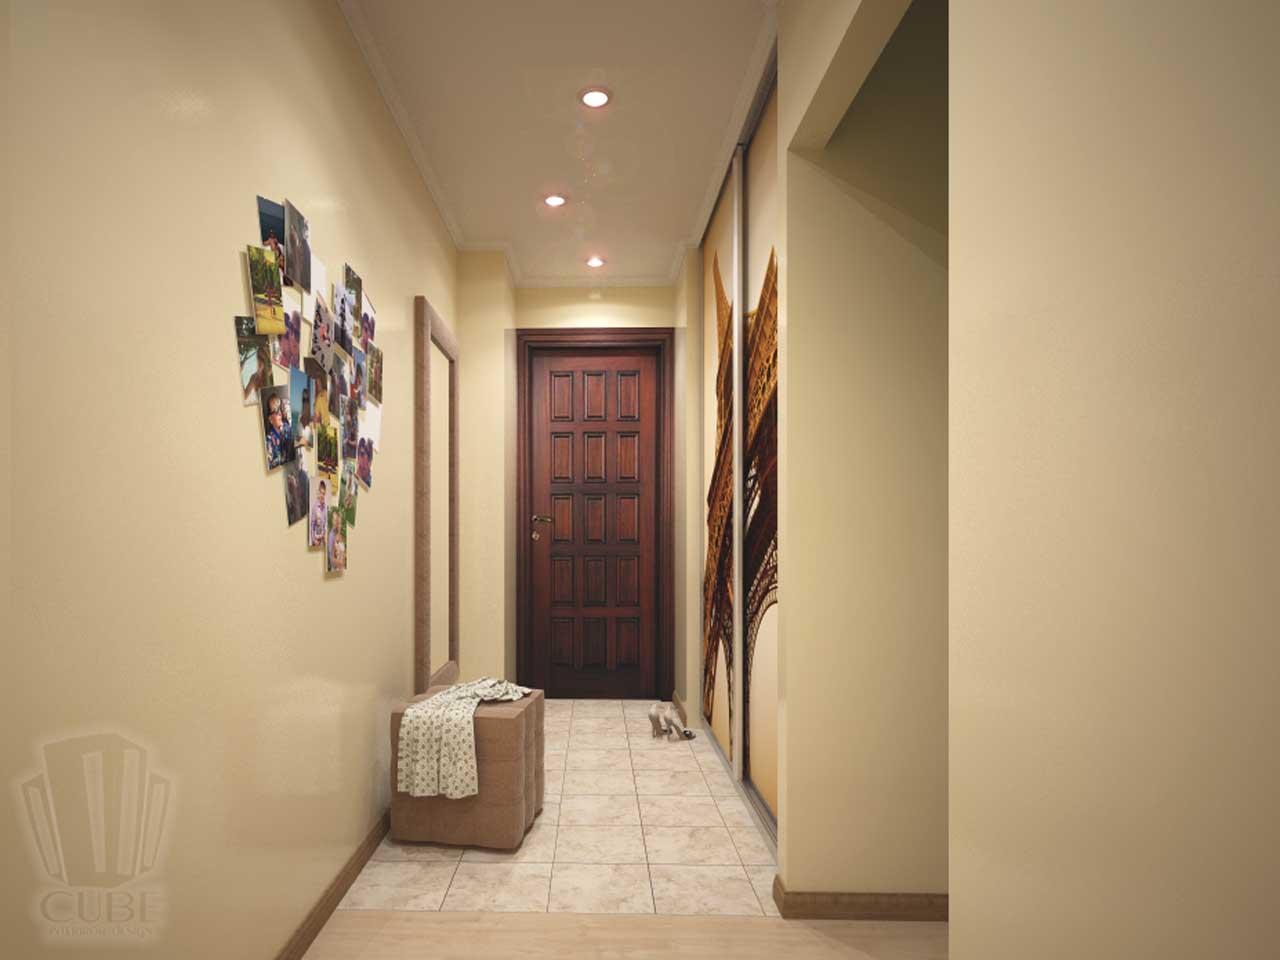 Дизайн-проект интерьера. Тюмень ул. Широтная д.158. Квартира для молодой семьи (22)